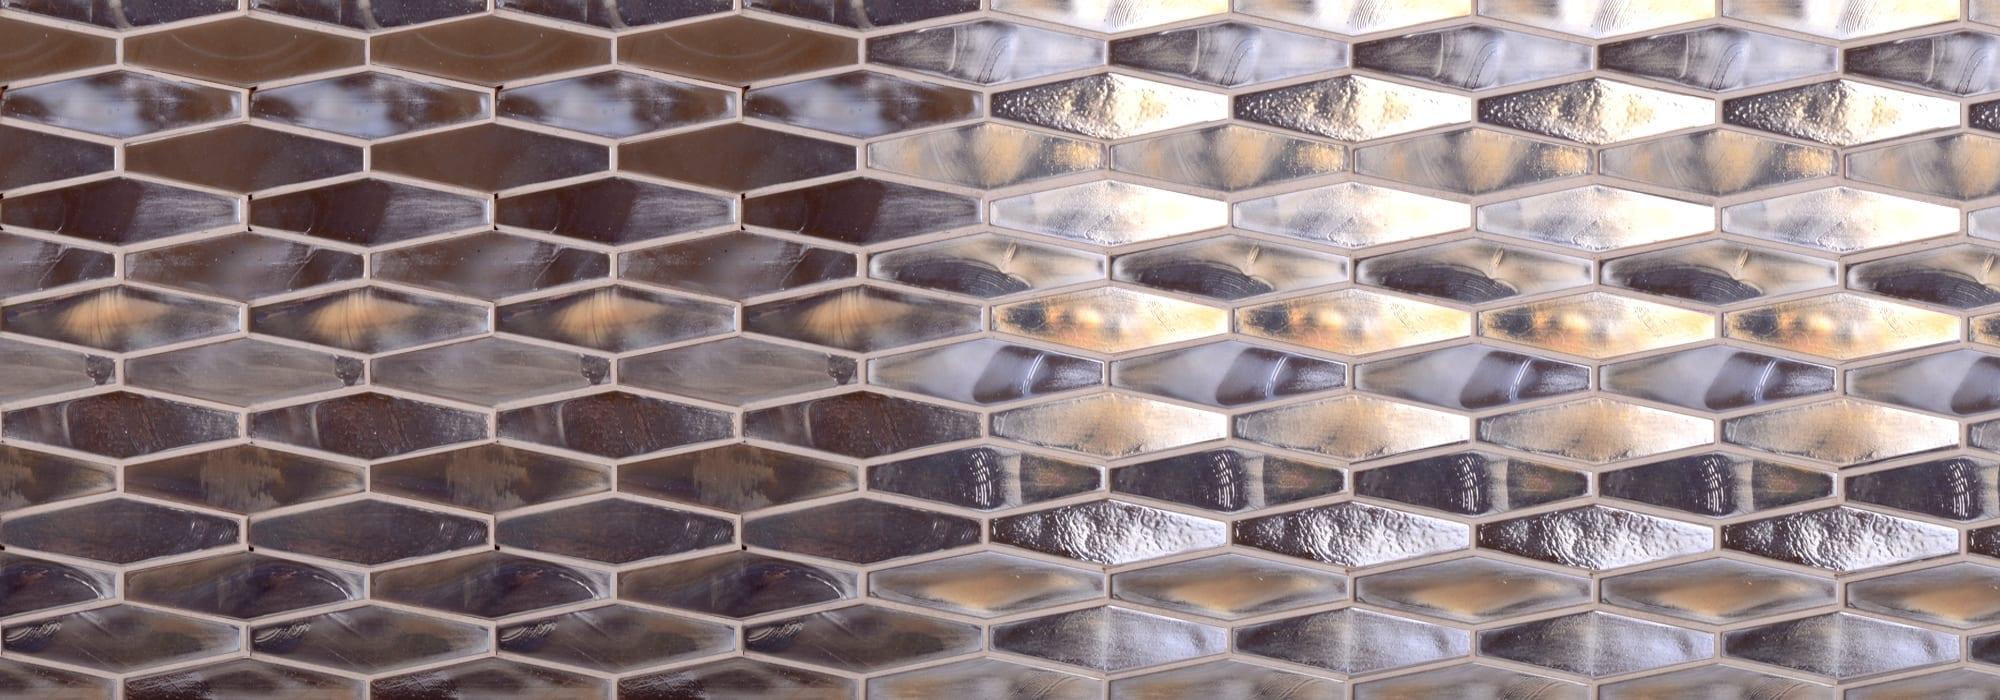 פסיפס זכוכית וולמורט by Milstone